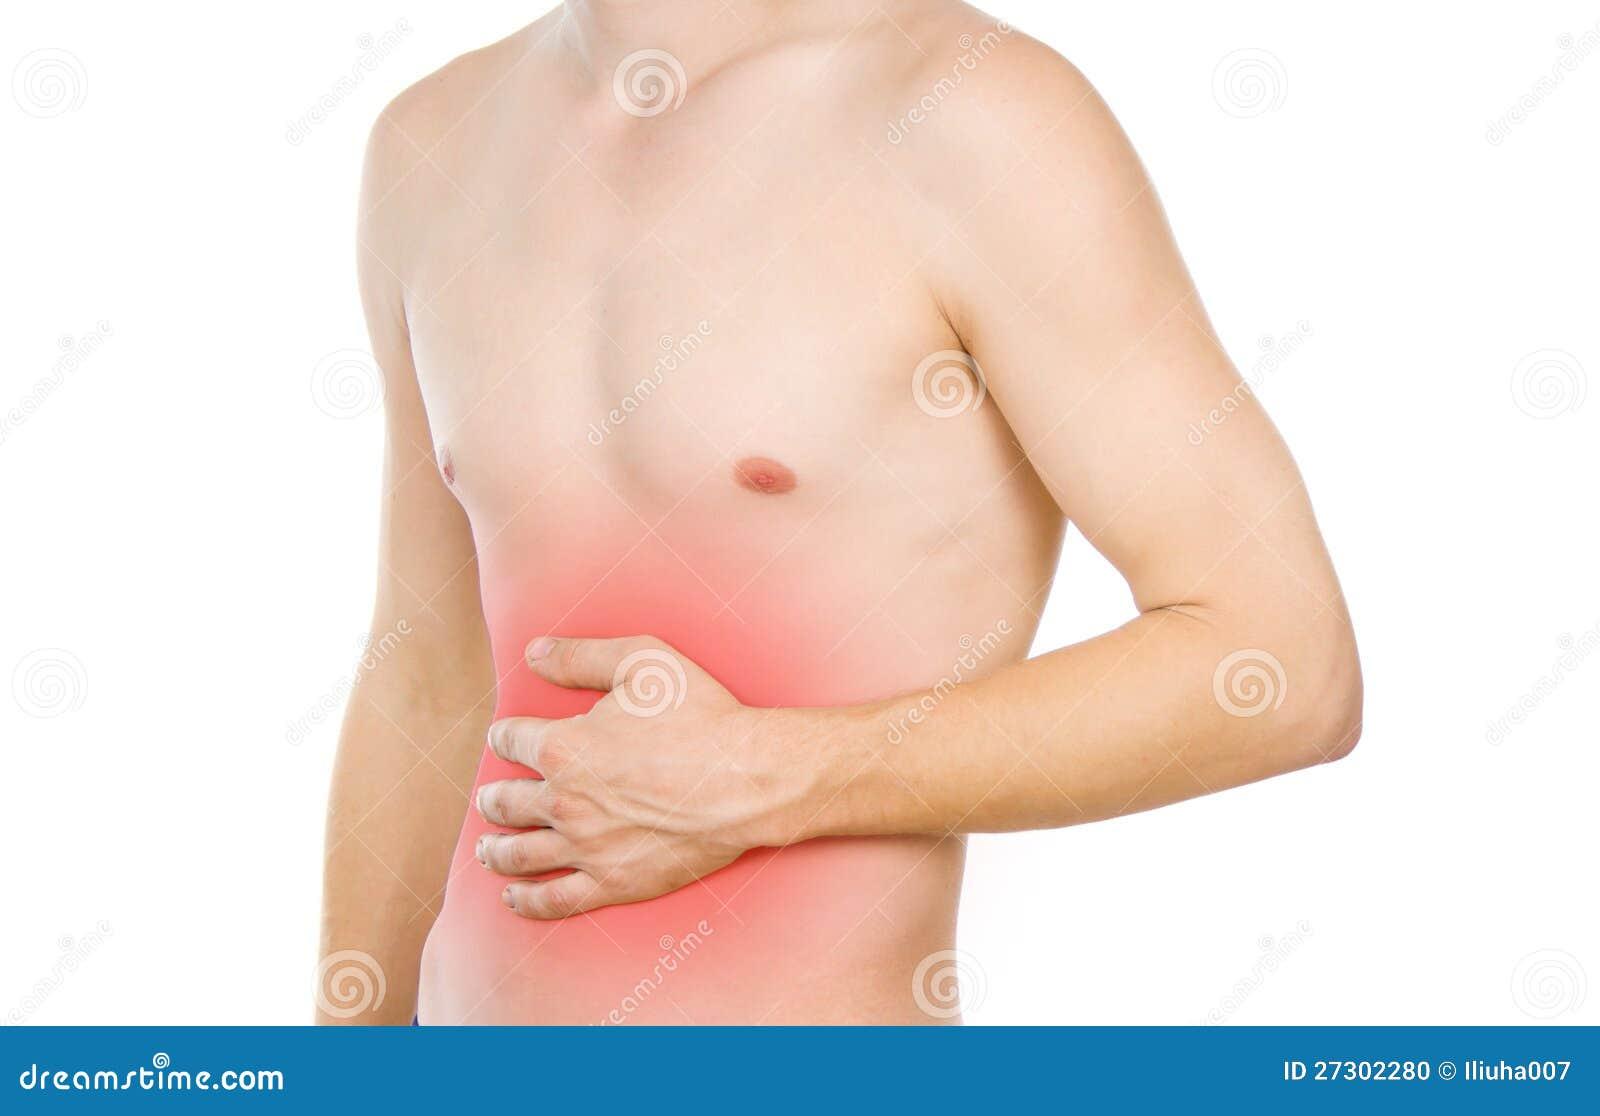 Männlicher Torso, Schmerz im Abdomen